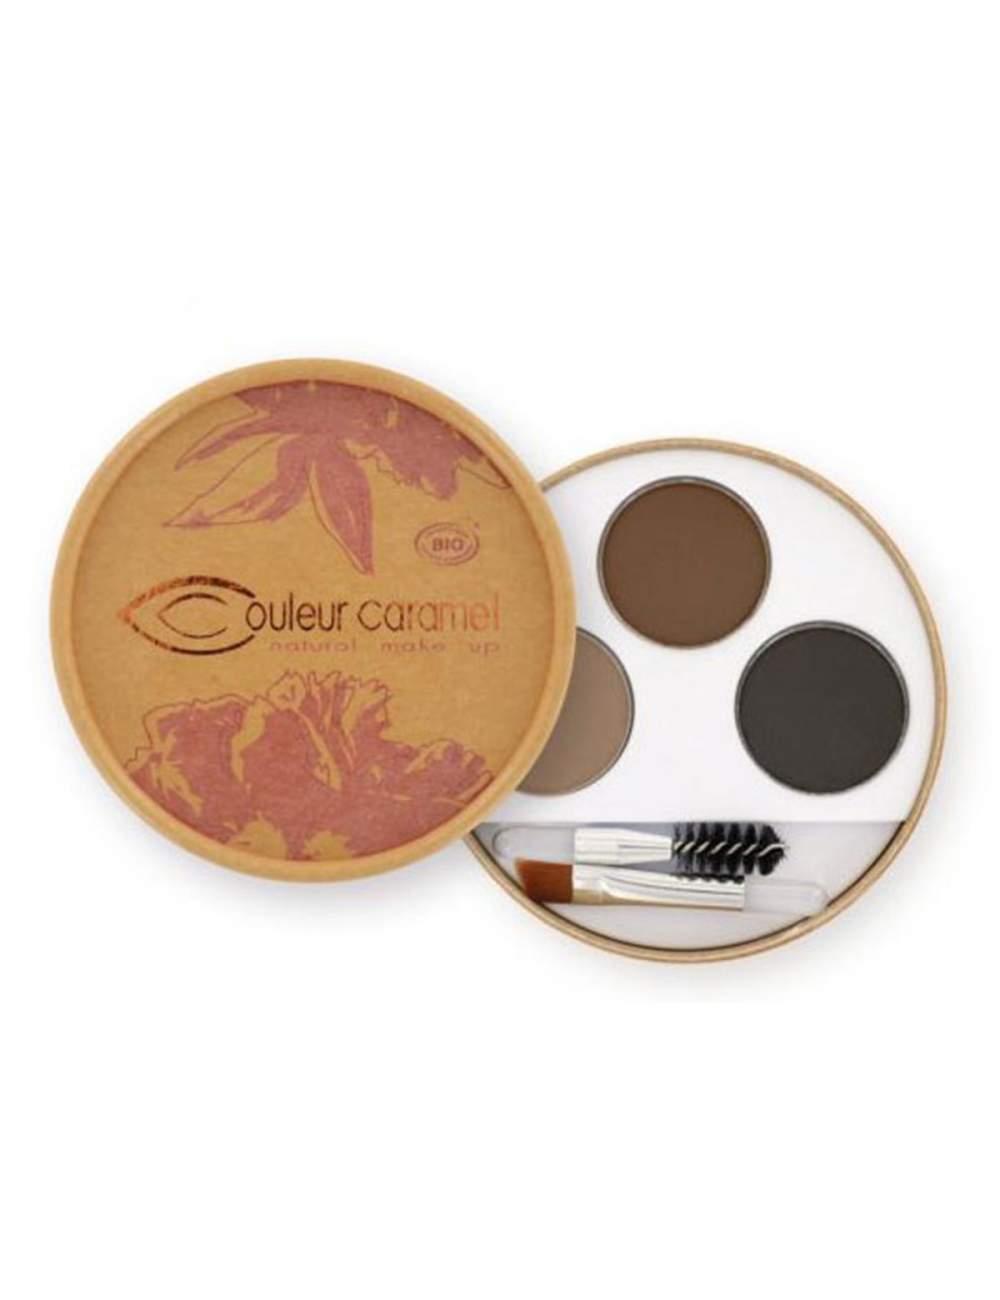 Kit de Maquillage de Sourcils Bio 29 Brunette. Couleur Caramel